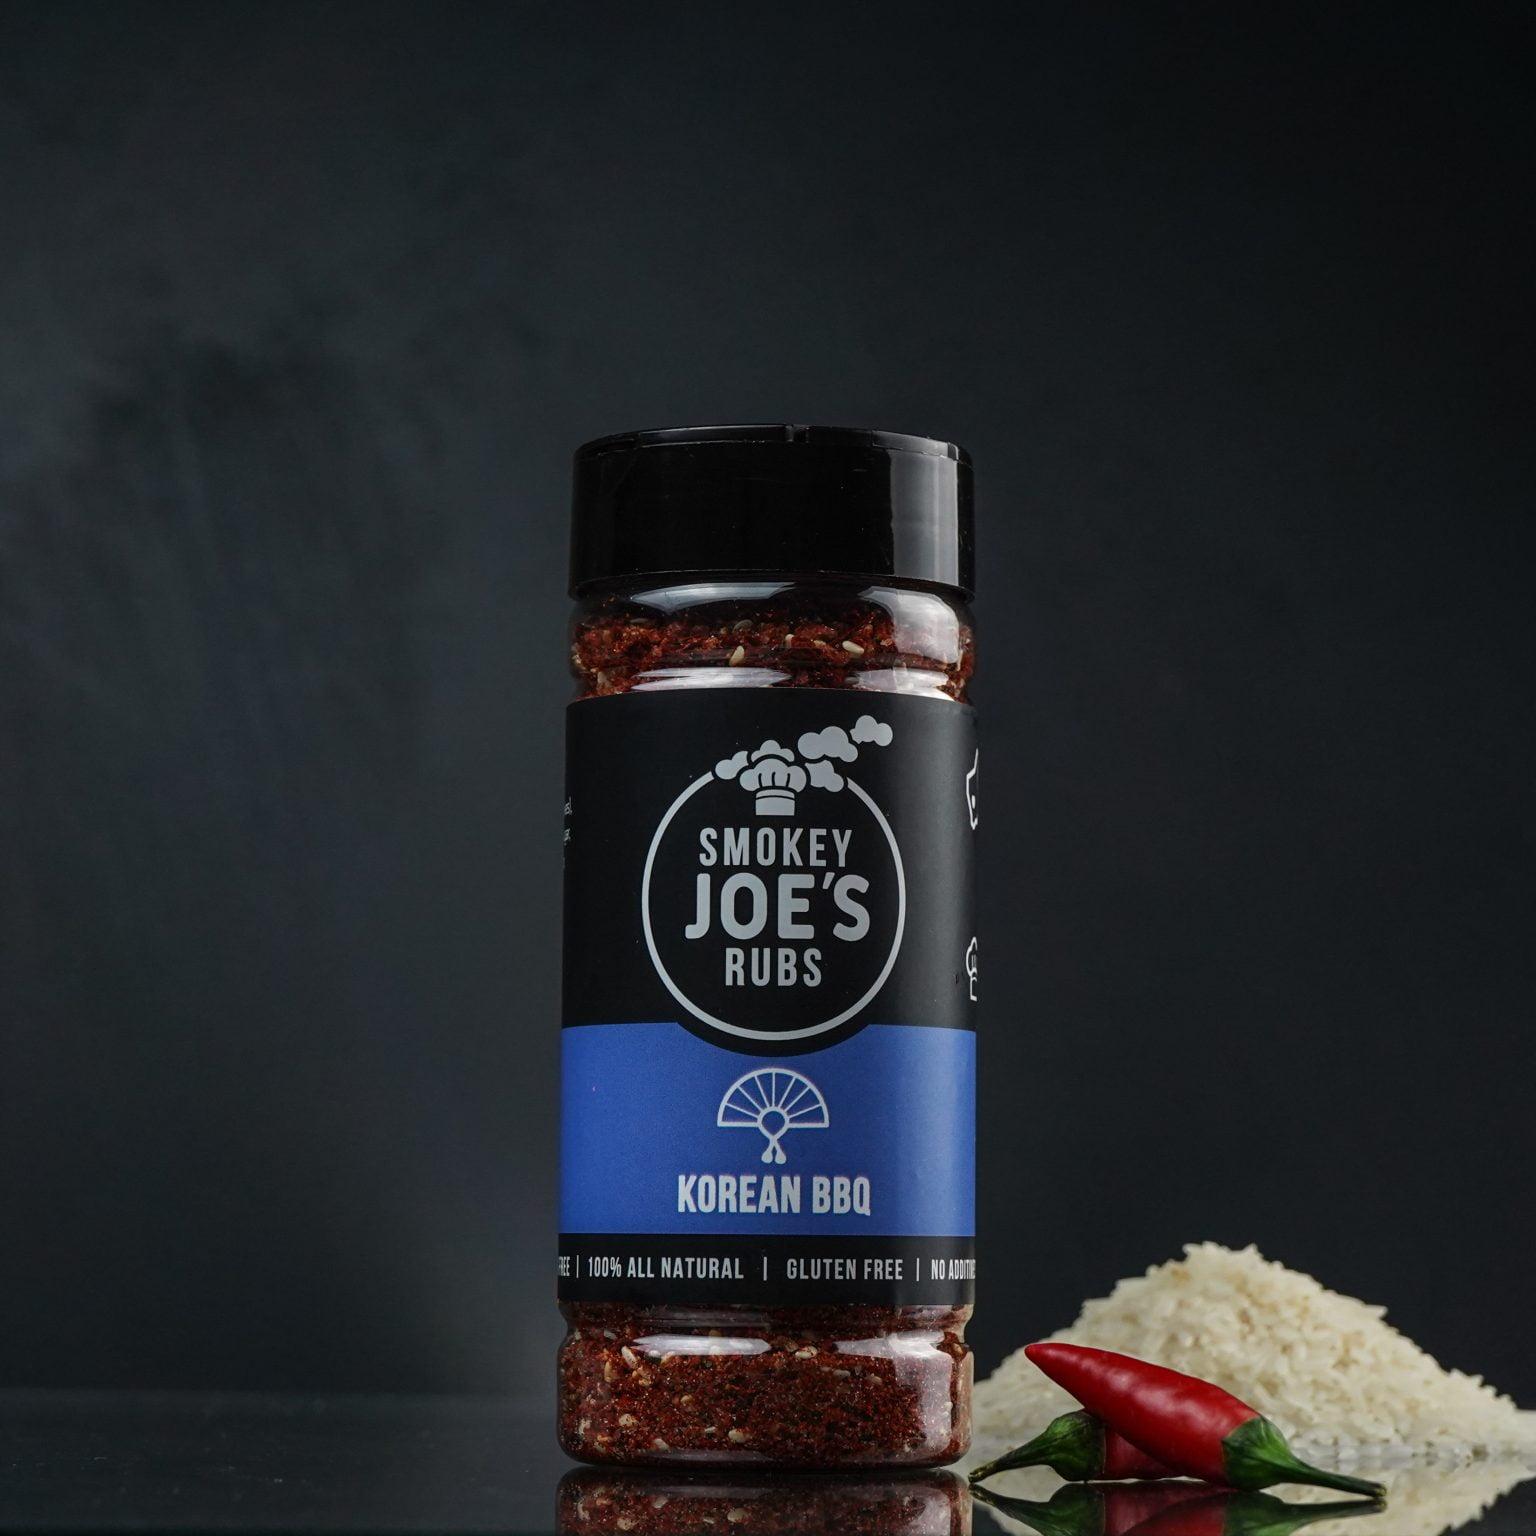 Smokey Joes Korean BBQ Rub